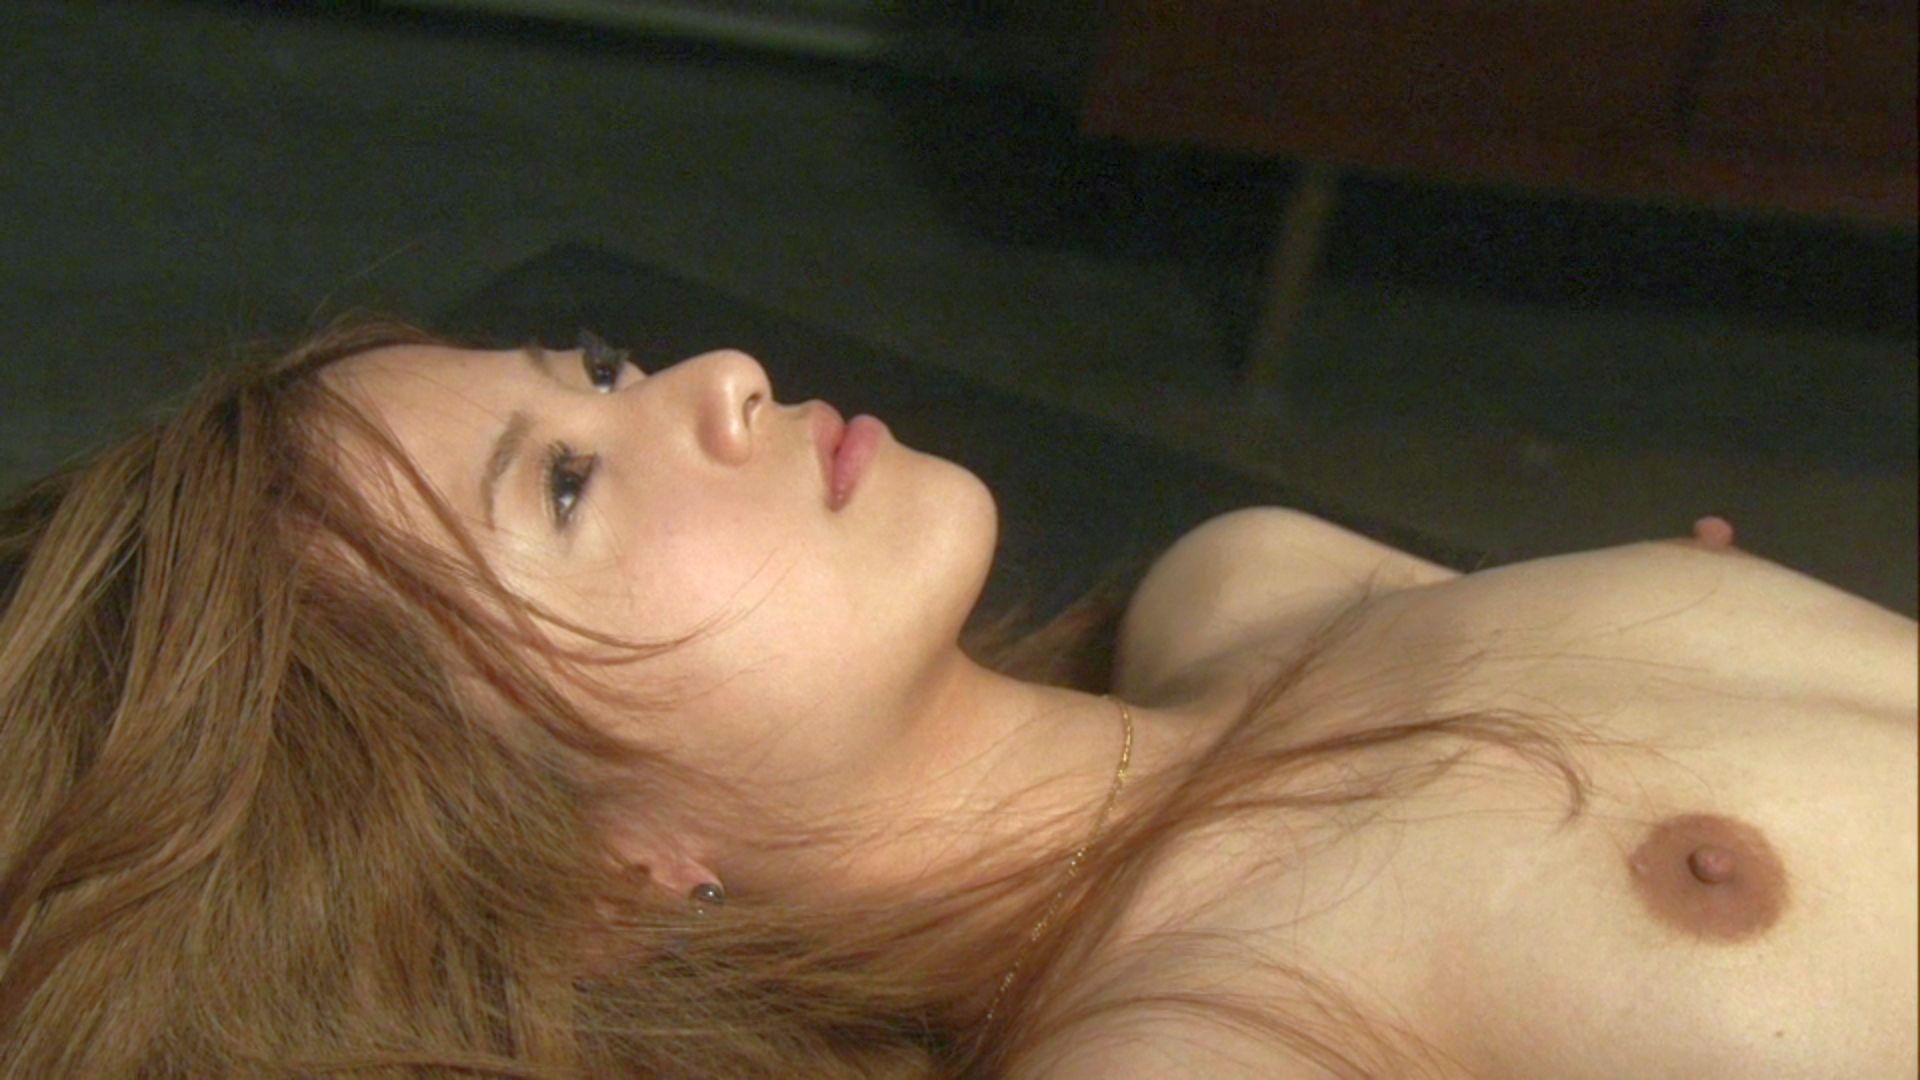 乳首が勃った状態の吉高由里子